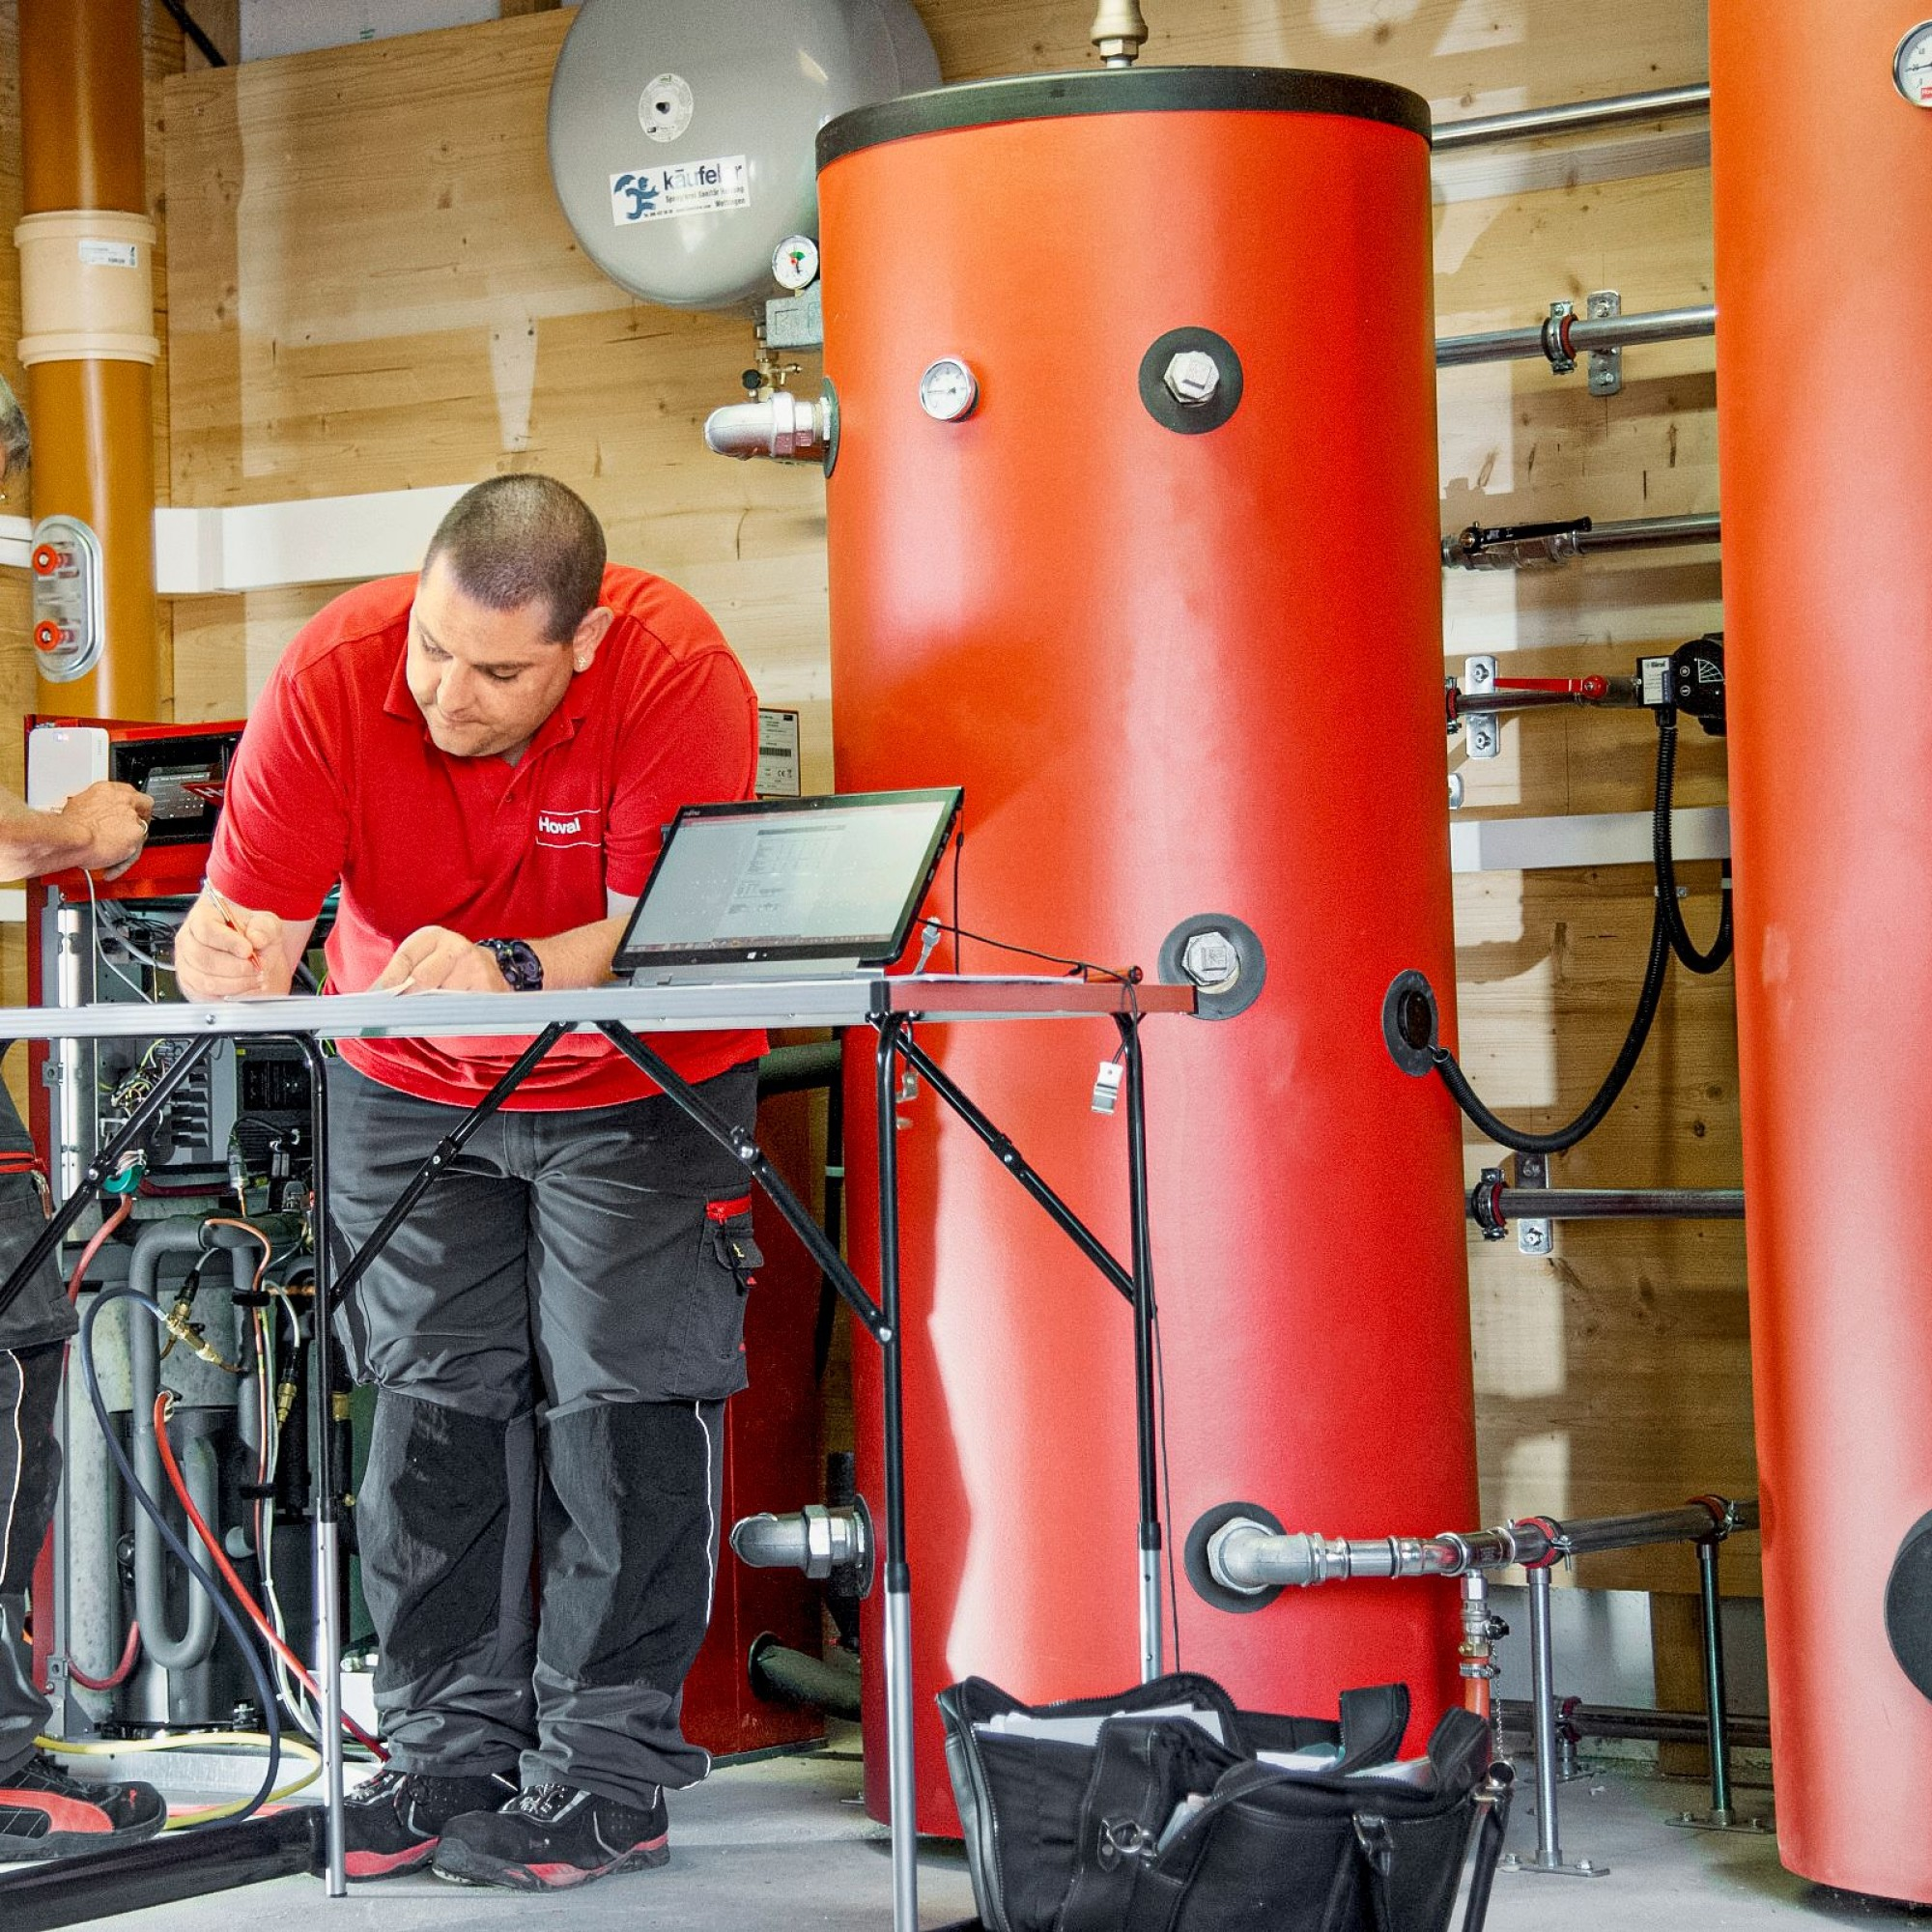 Bei energetischen Betriebsoptimierungen und Wartungsarbeiten ganz allgemein sorgen Experten für einen zuverlässigen und nachhaltigen Betrieb von Heizungsanlagen und weiteren Energiesystemen.